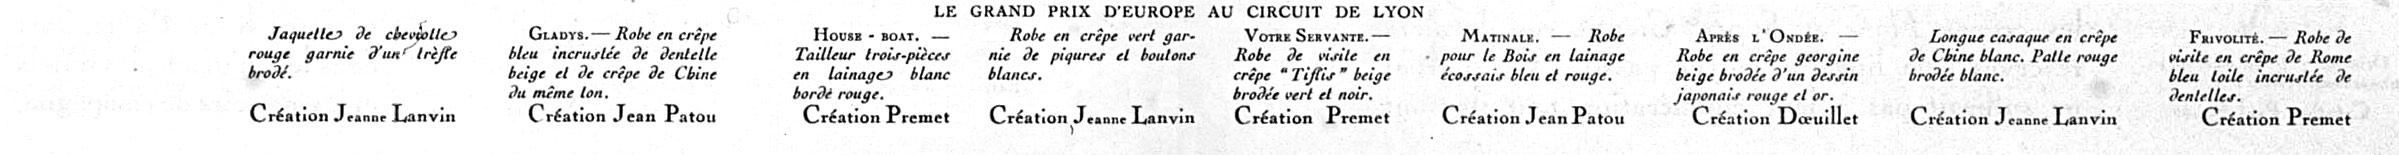 Description, Fashion, Georges Dœuillet, Jeanne Lanvin, Jean Patou, Premet, 1920s